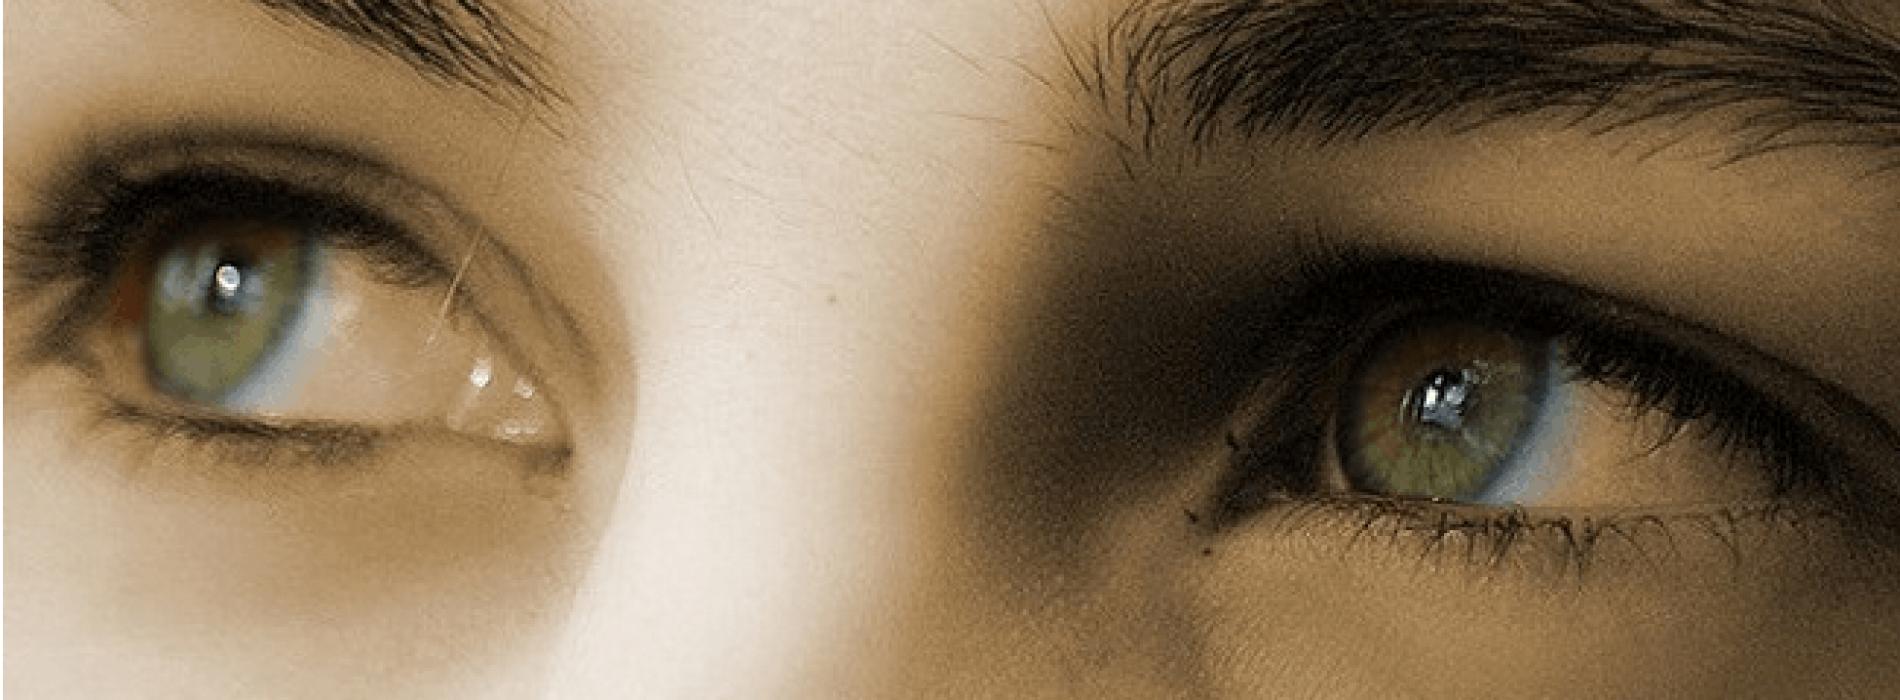 hoe geneest u het gezichtsvermogen op een natuurlijke wijze